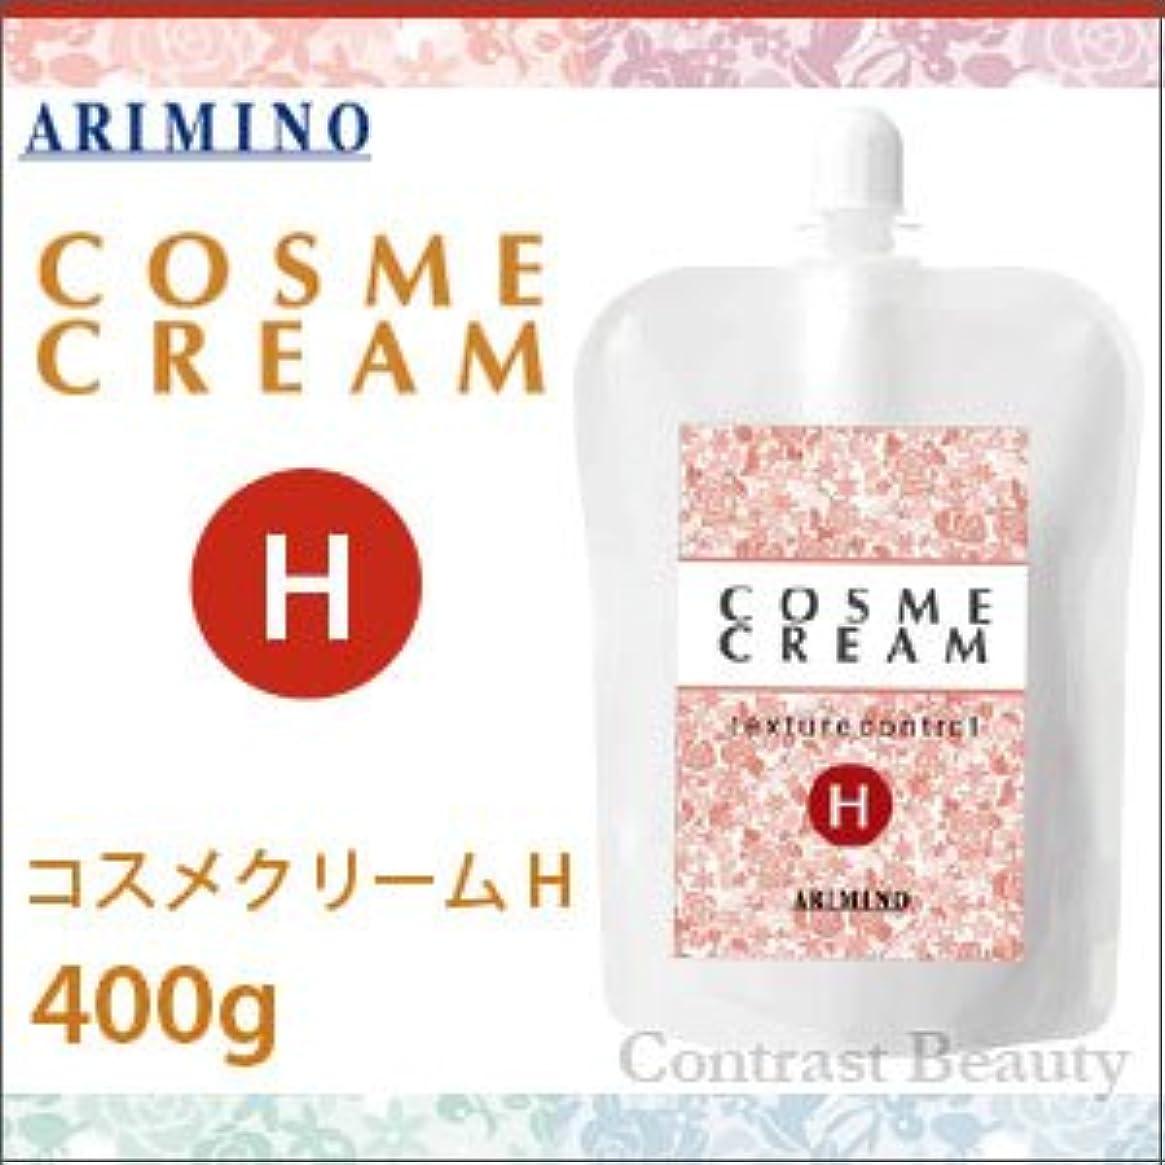 フルーティートレイ特殊アリミノ コスメクリーム H 400g